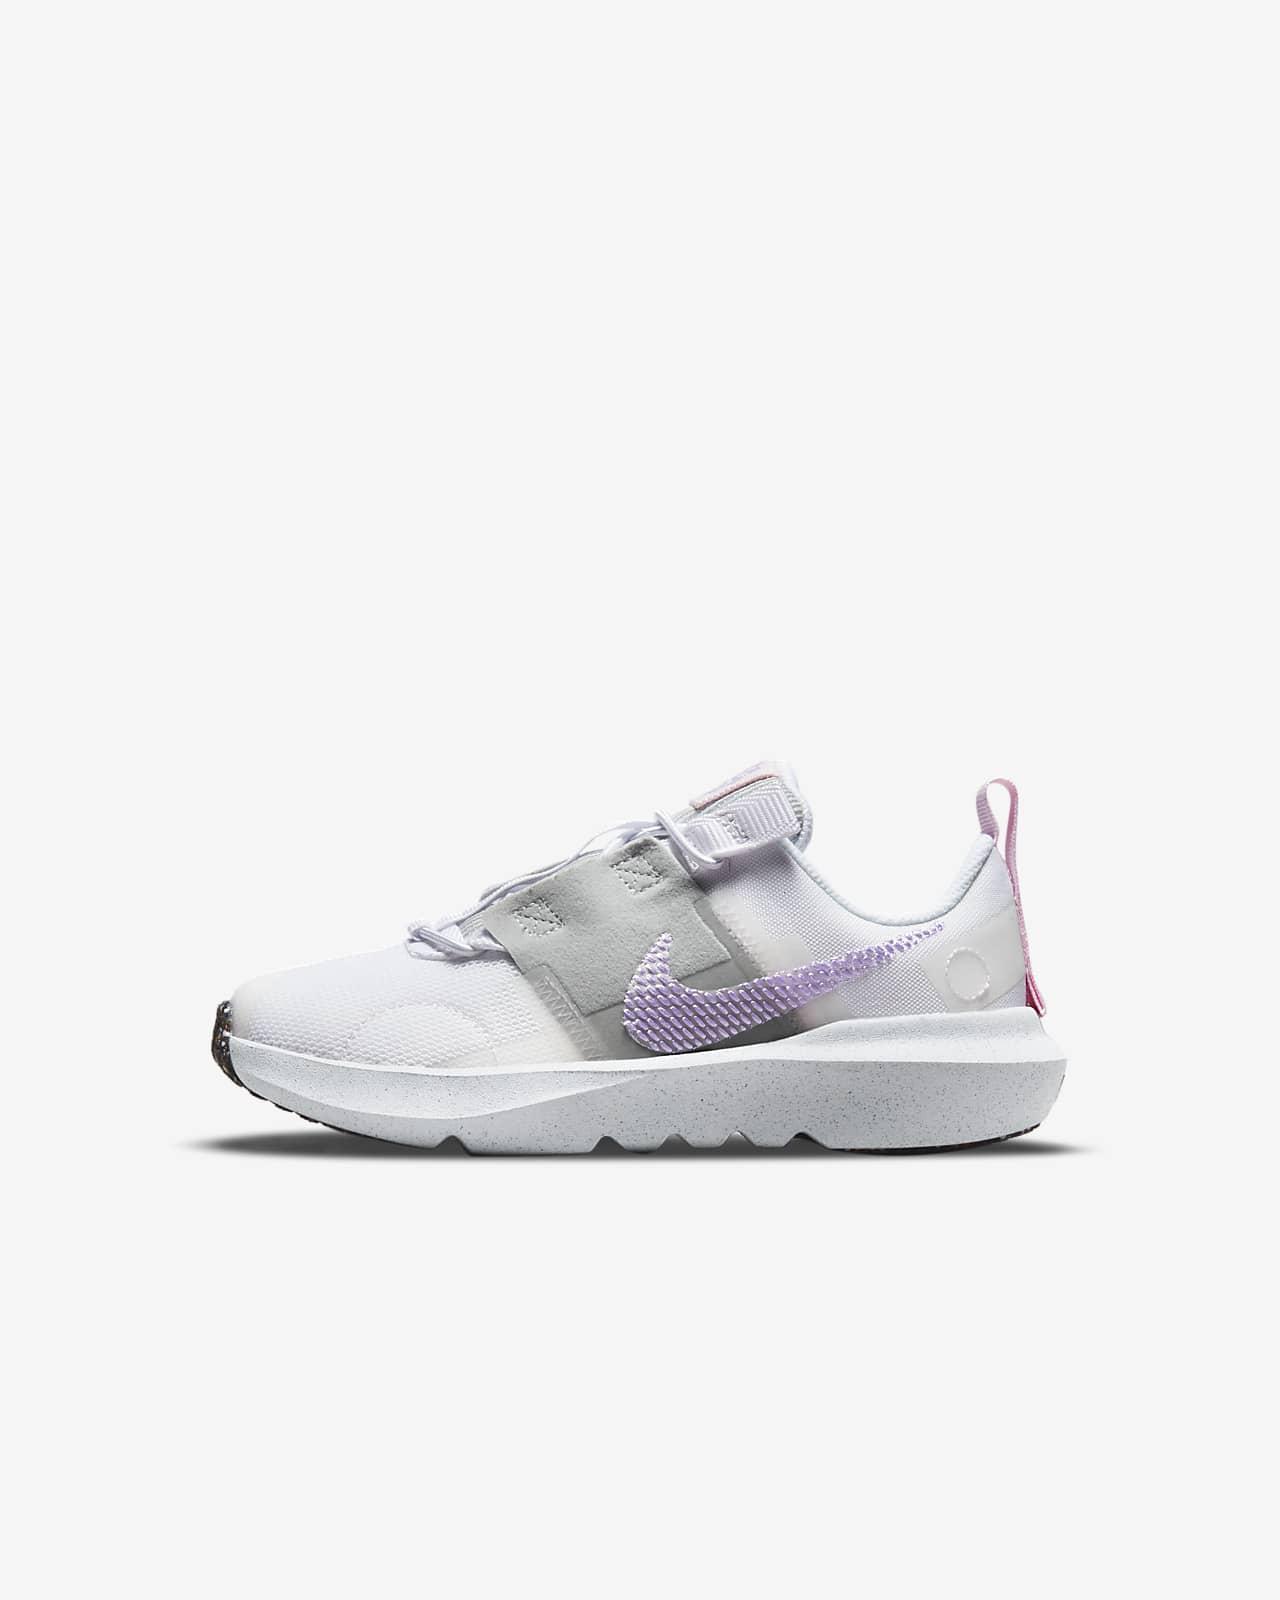 Calzado para niños talla pequeña Nike Crater Impact